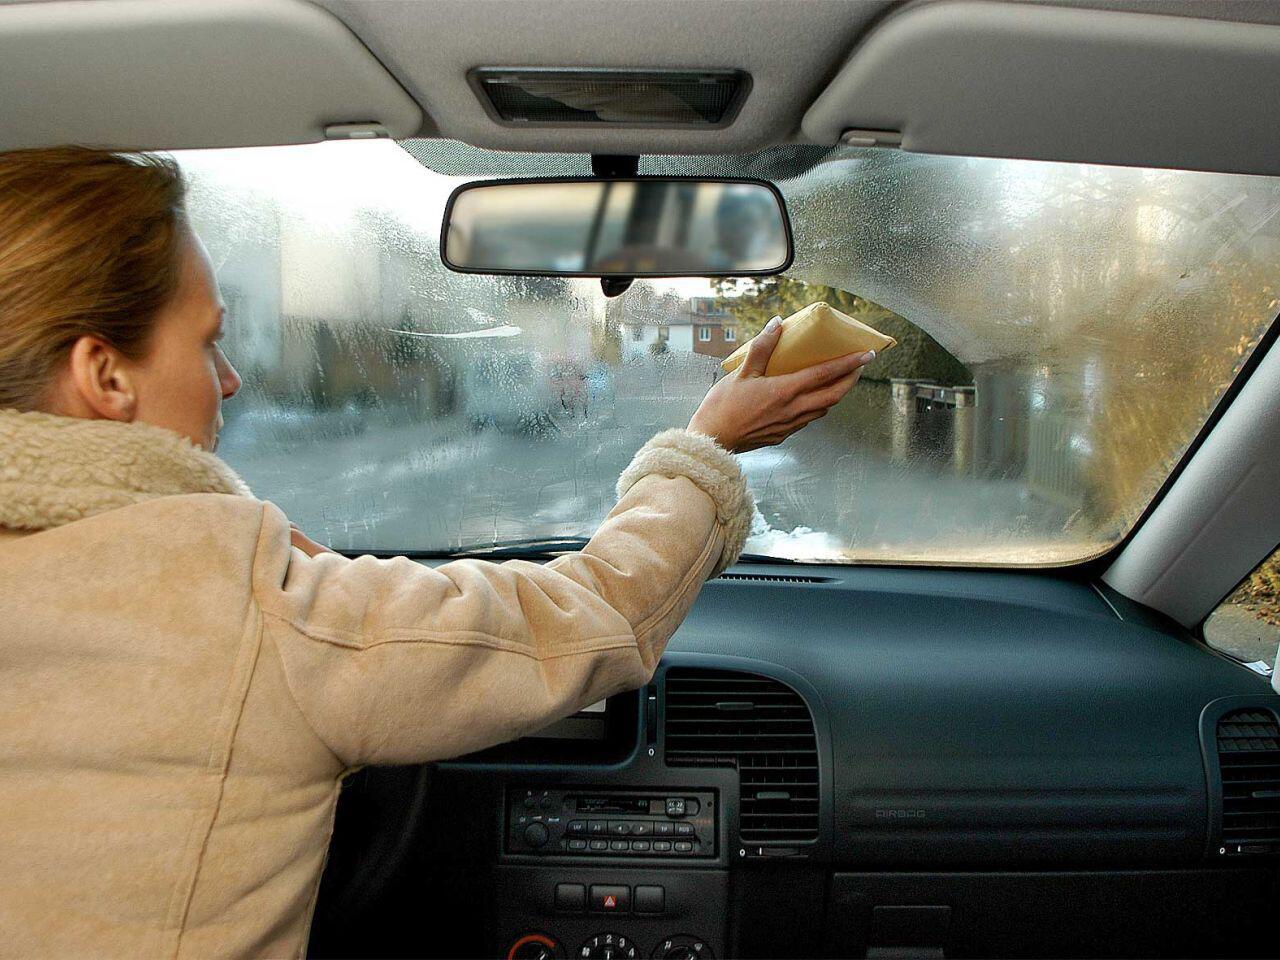 Auto Beschlagene Scheiben